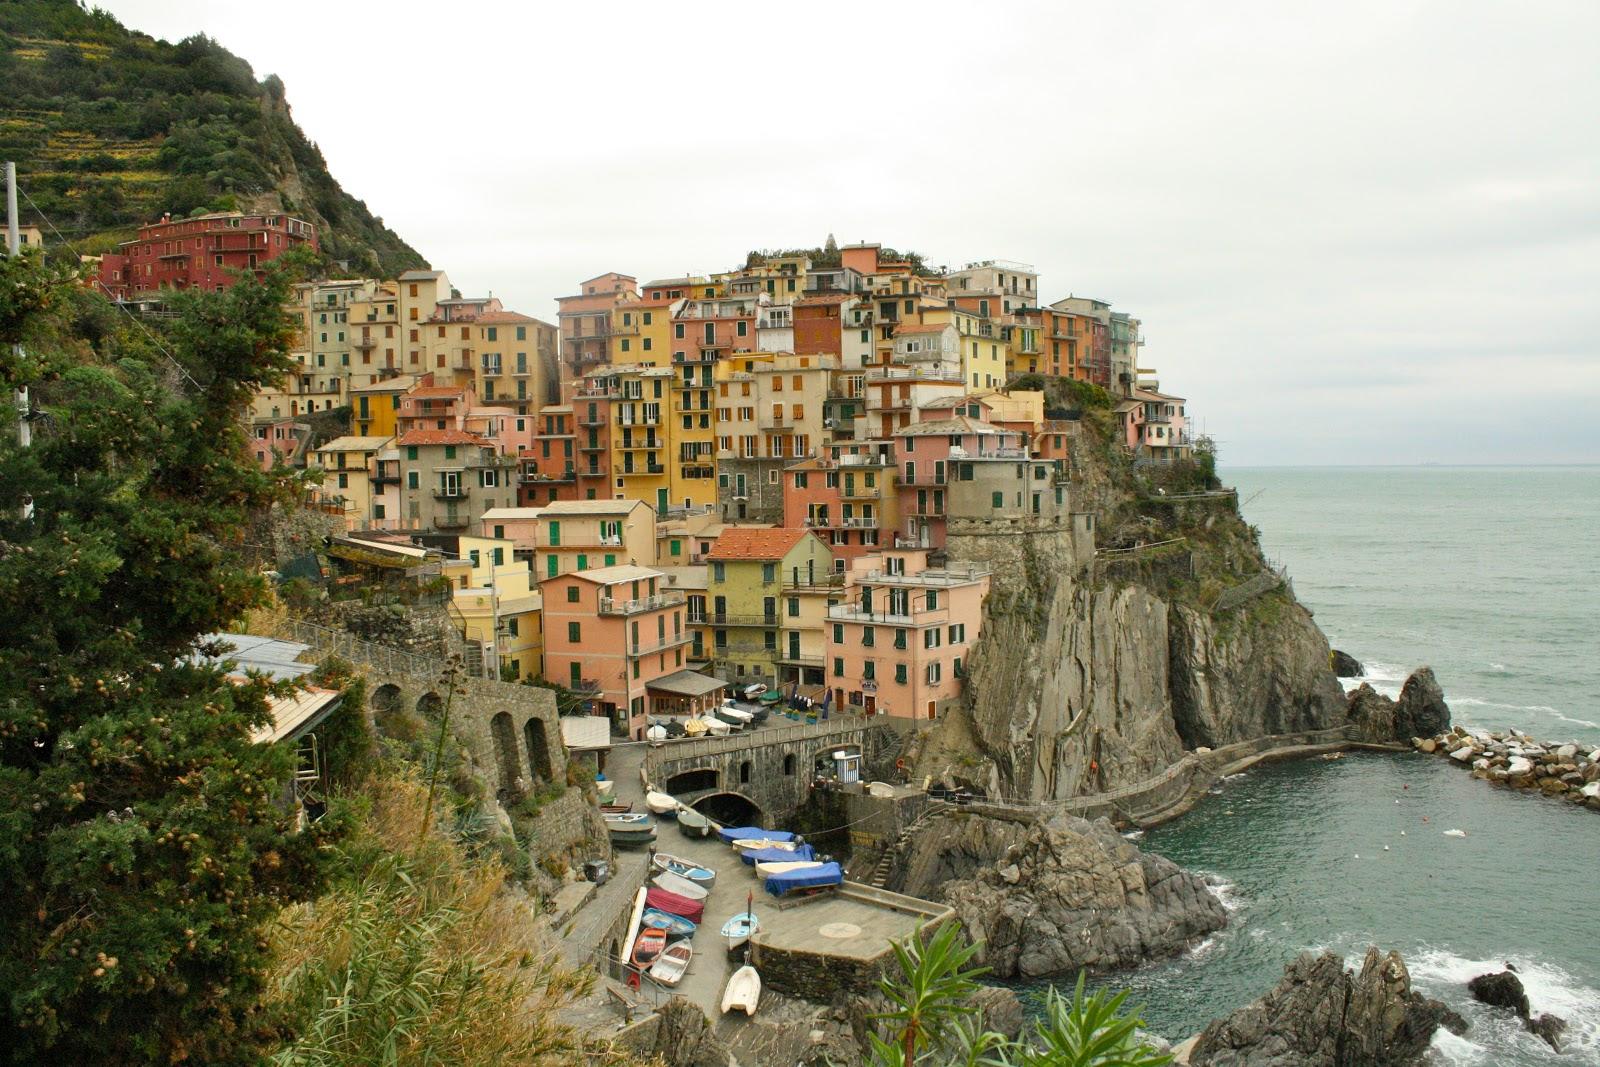 Beautiful Manarola The Second Town In Coastal Necklace Of Cinque Terre